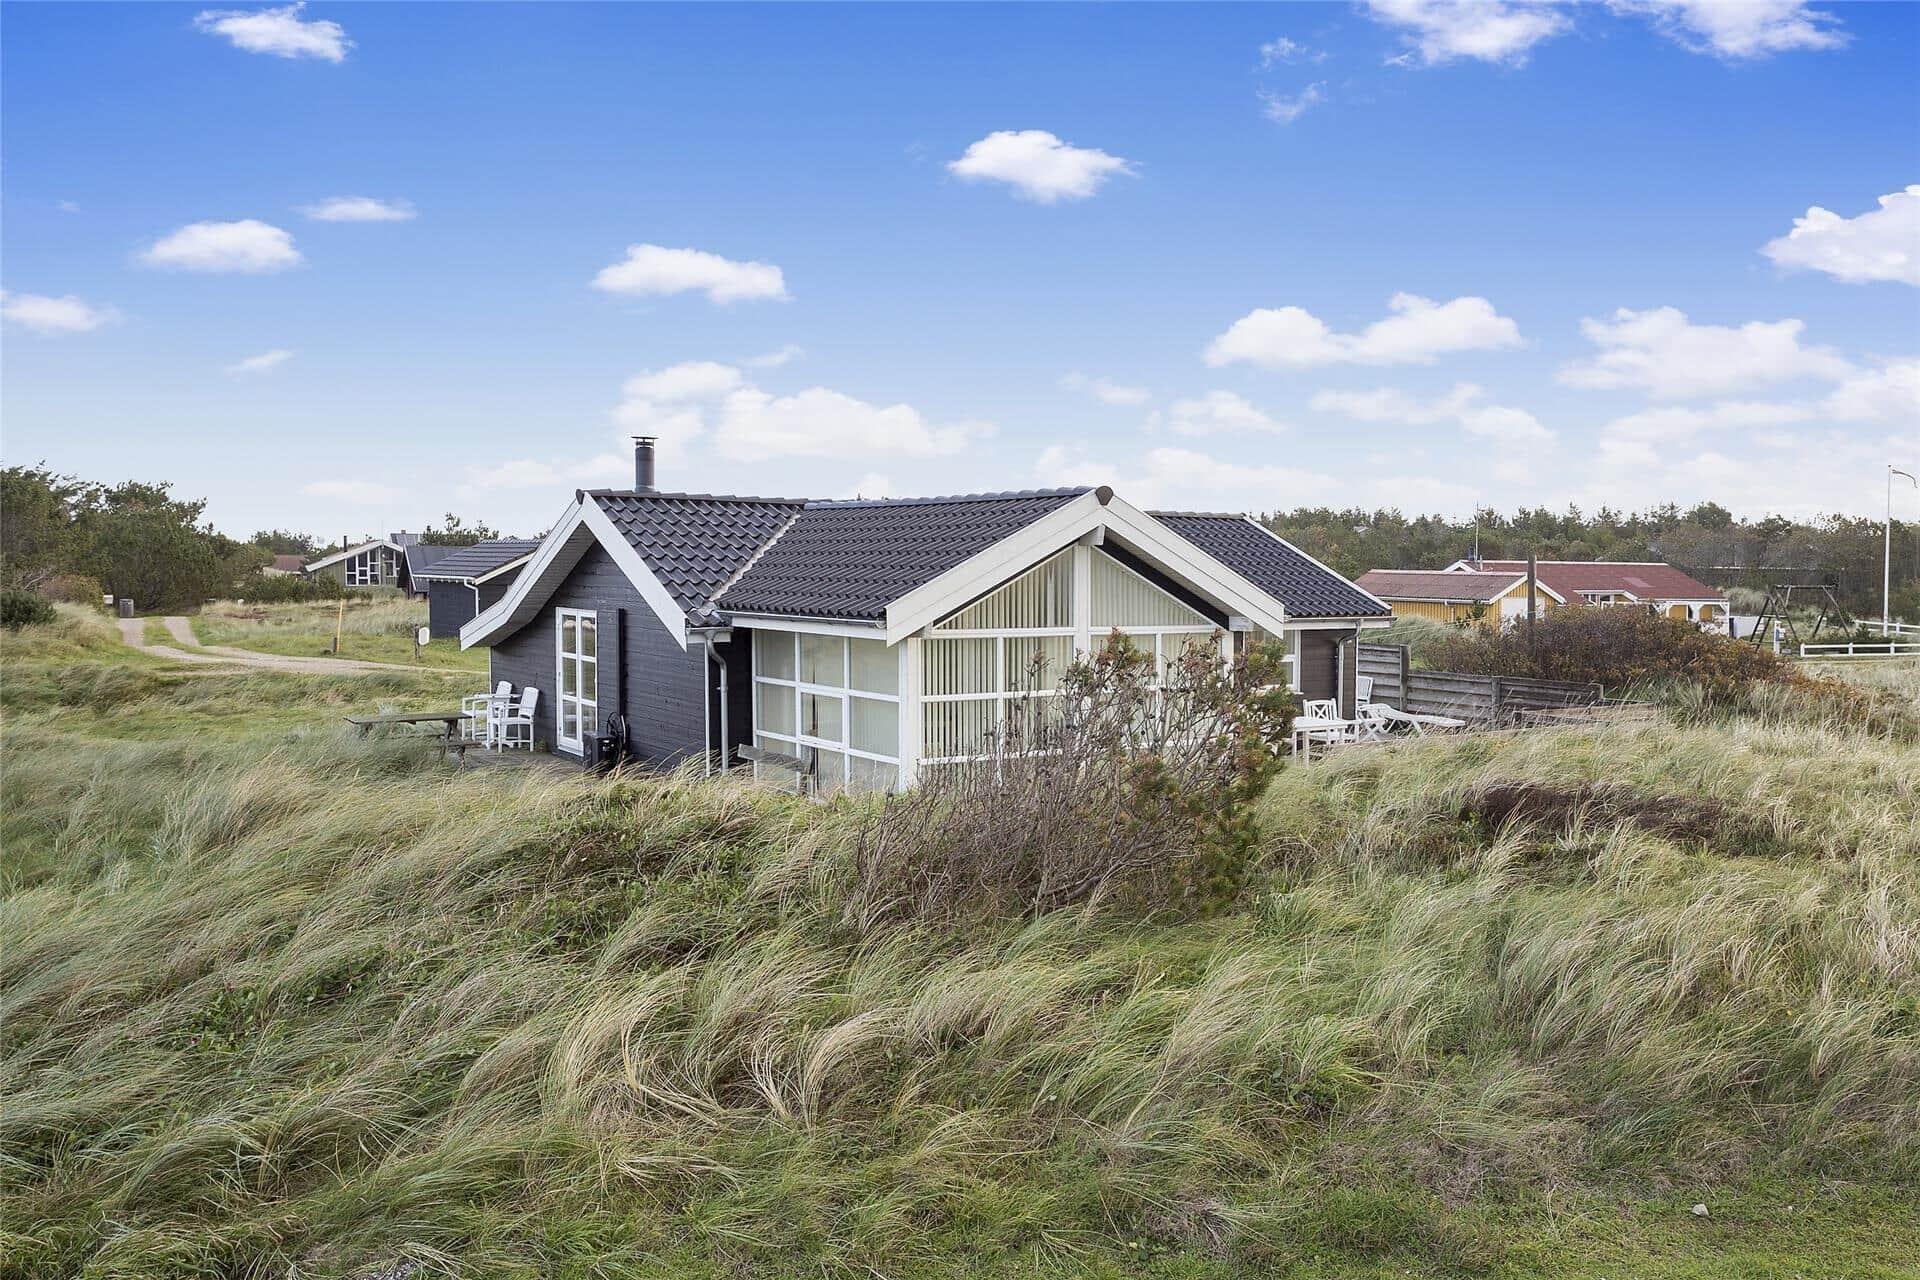 Billede 1-13 Sommerhus 932, Klitstien 24, DK - 7700 Thisted